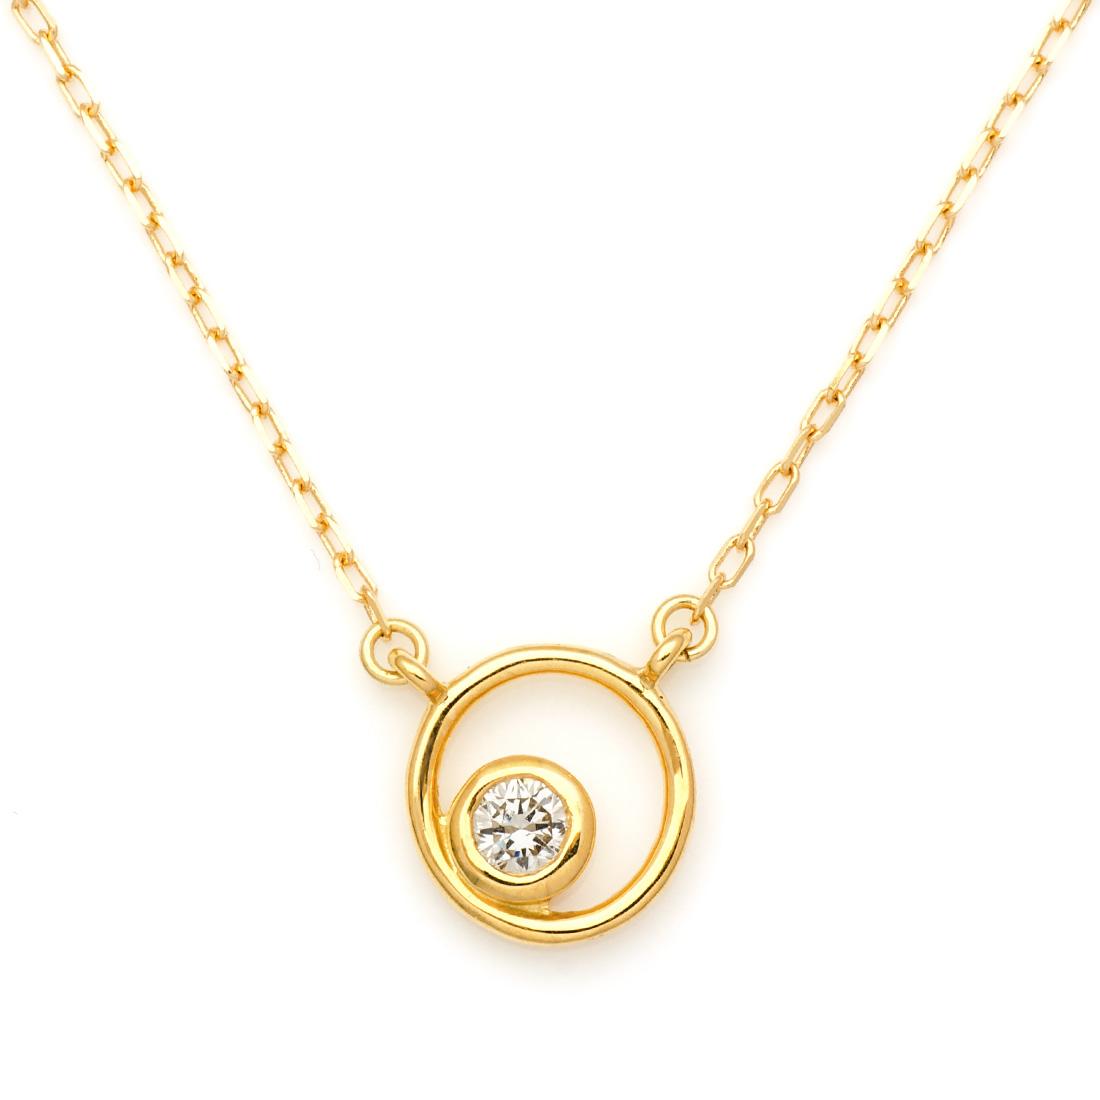 【GWクーポン配布中】ネックレス ダイヤモンド 0.07ct 「Circle」 ゴールド K18 アズキチェーン 送料無料